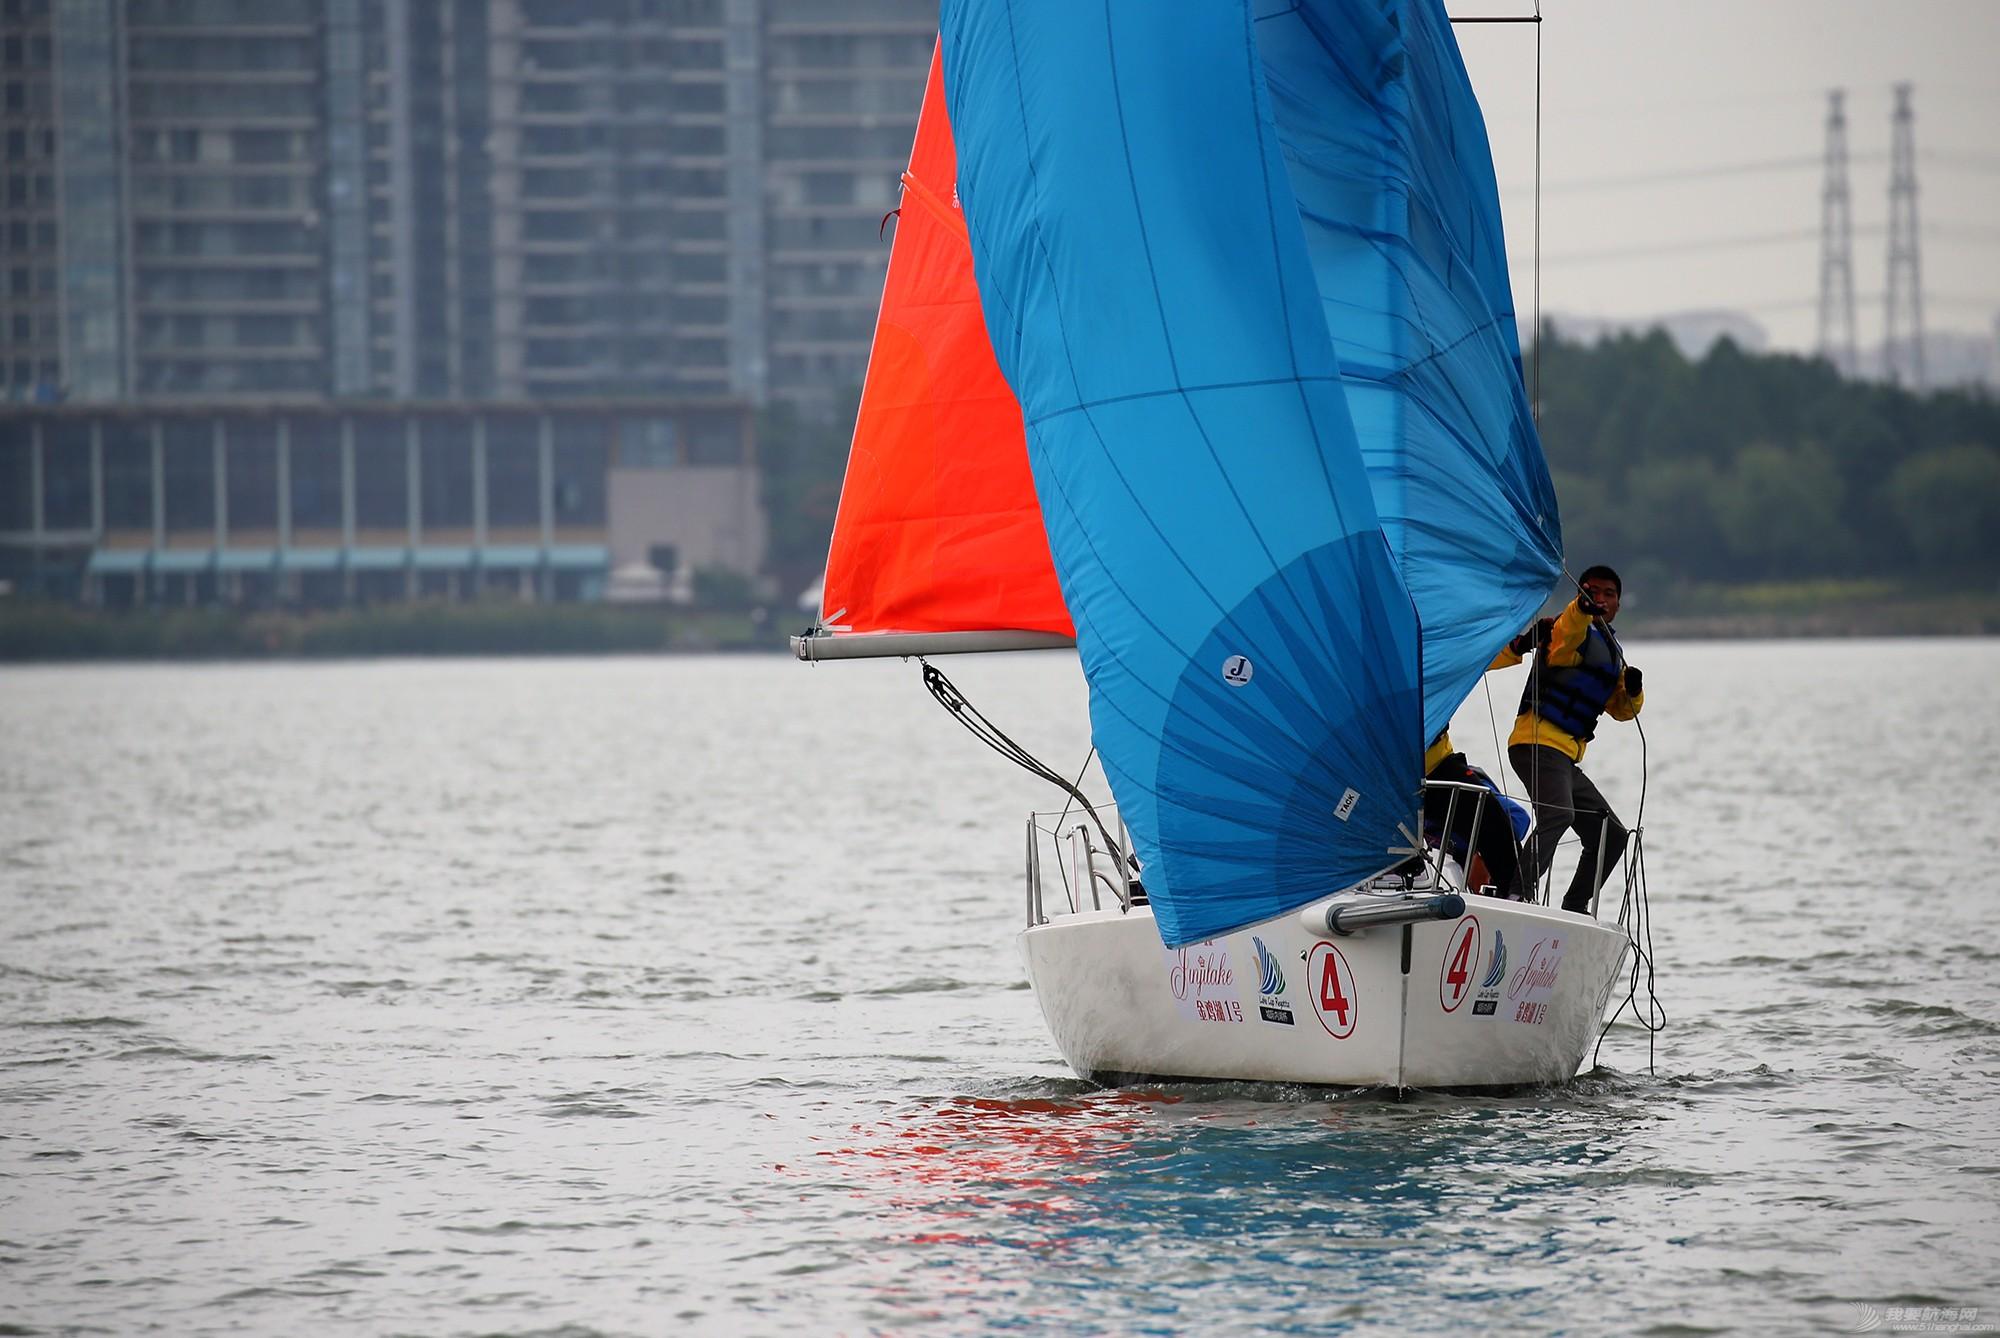 帆船,空间 帆船是灰度空间里跳动的彩色音符 E78W8949.JPG